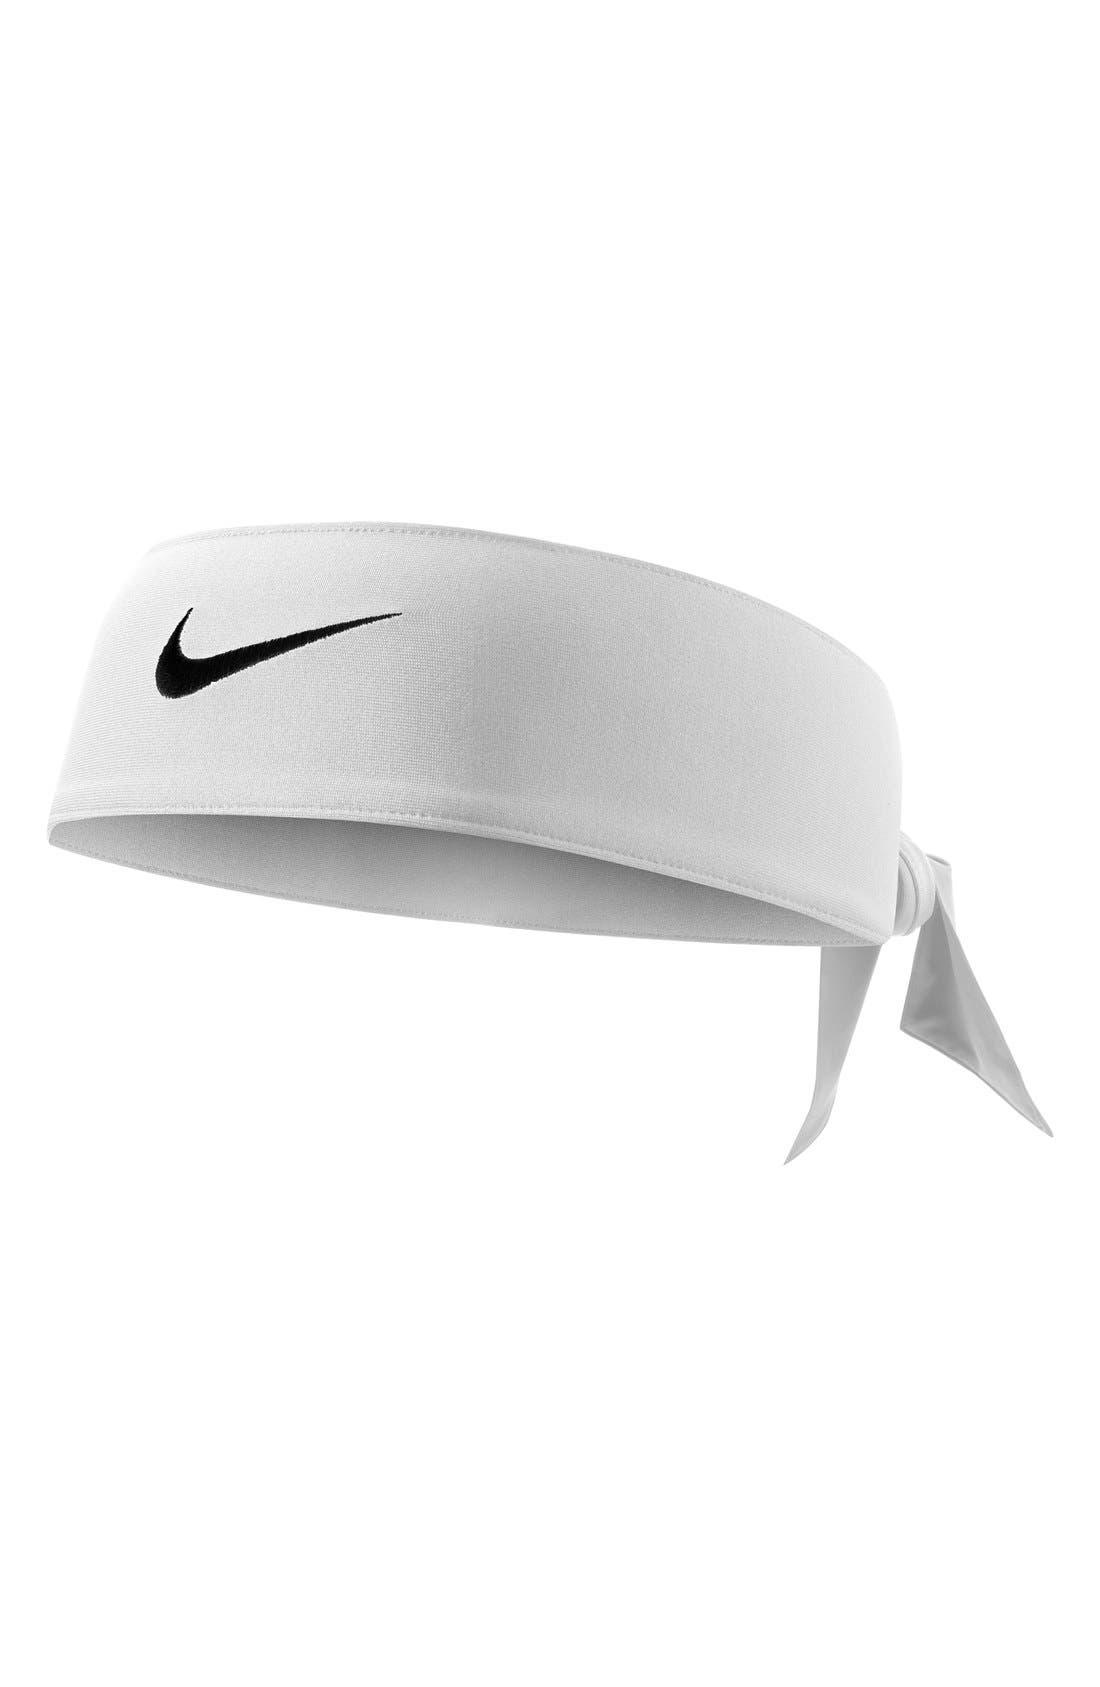 Alternate Image 1 Selected - Nike 'Head Tie 2.0' Headband